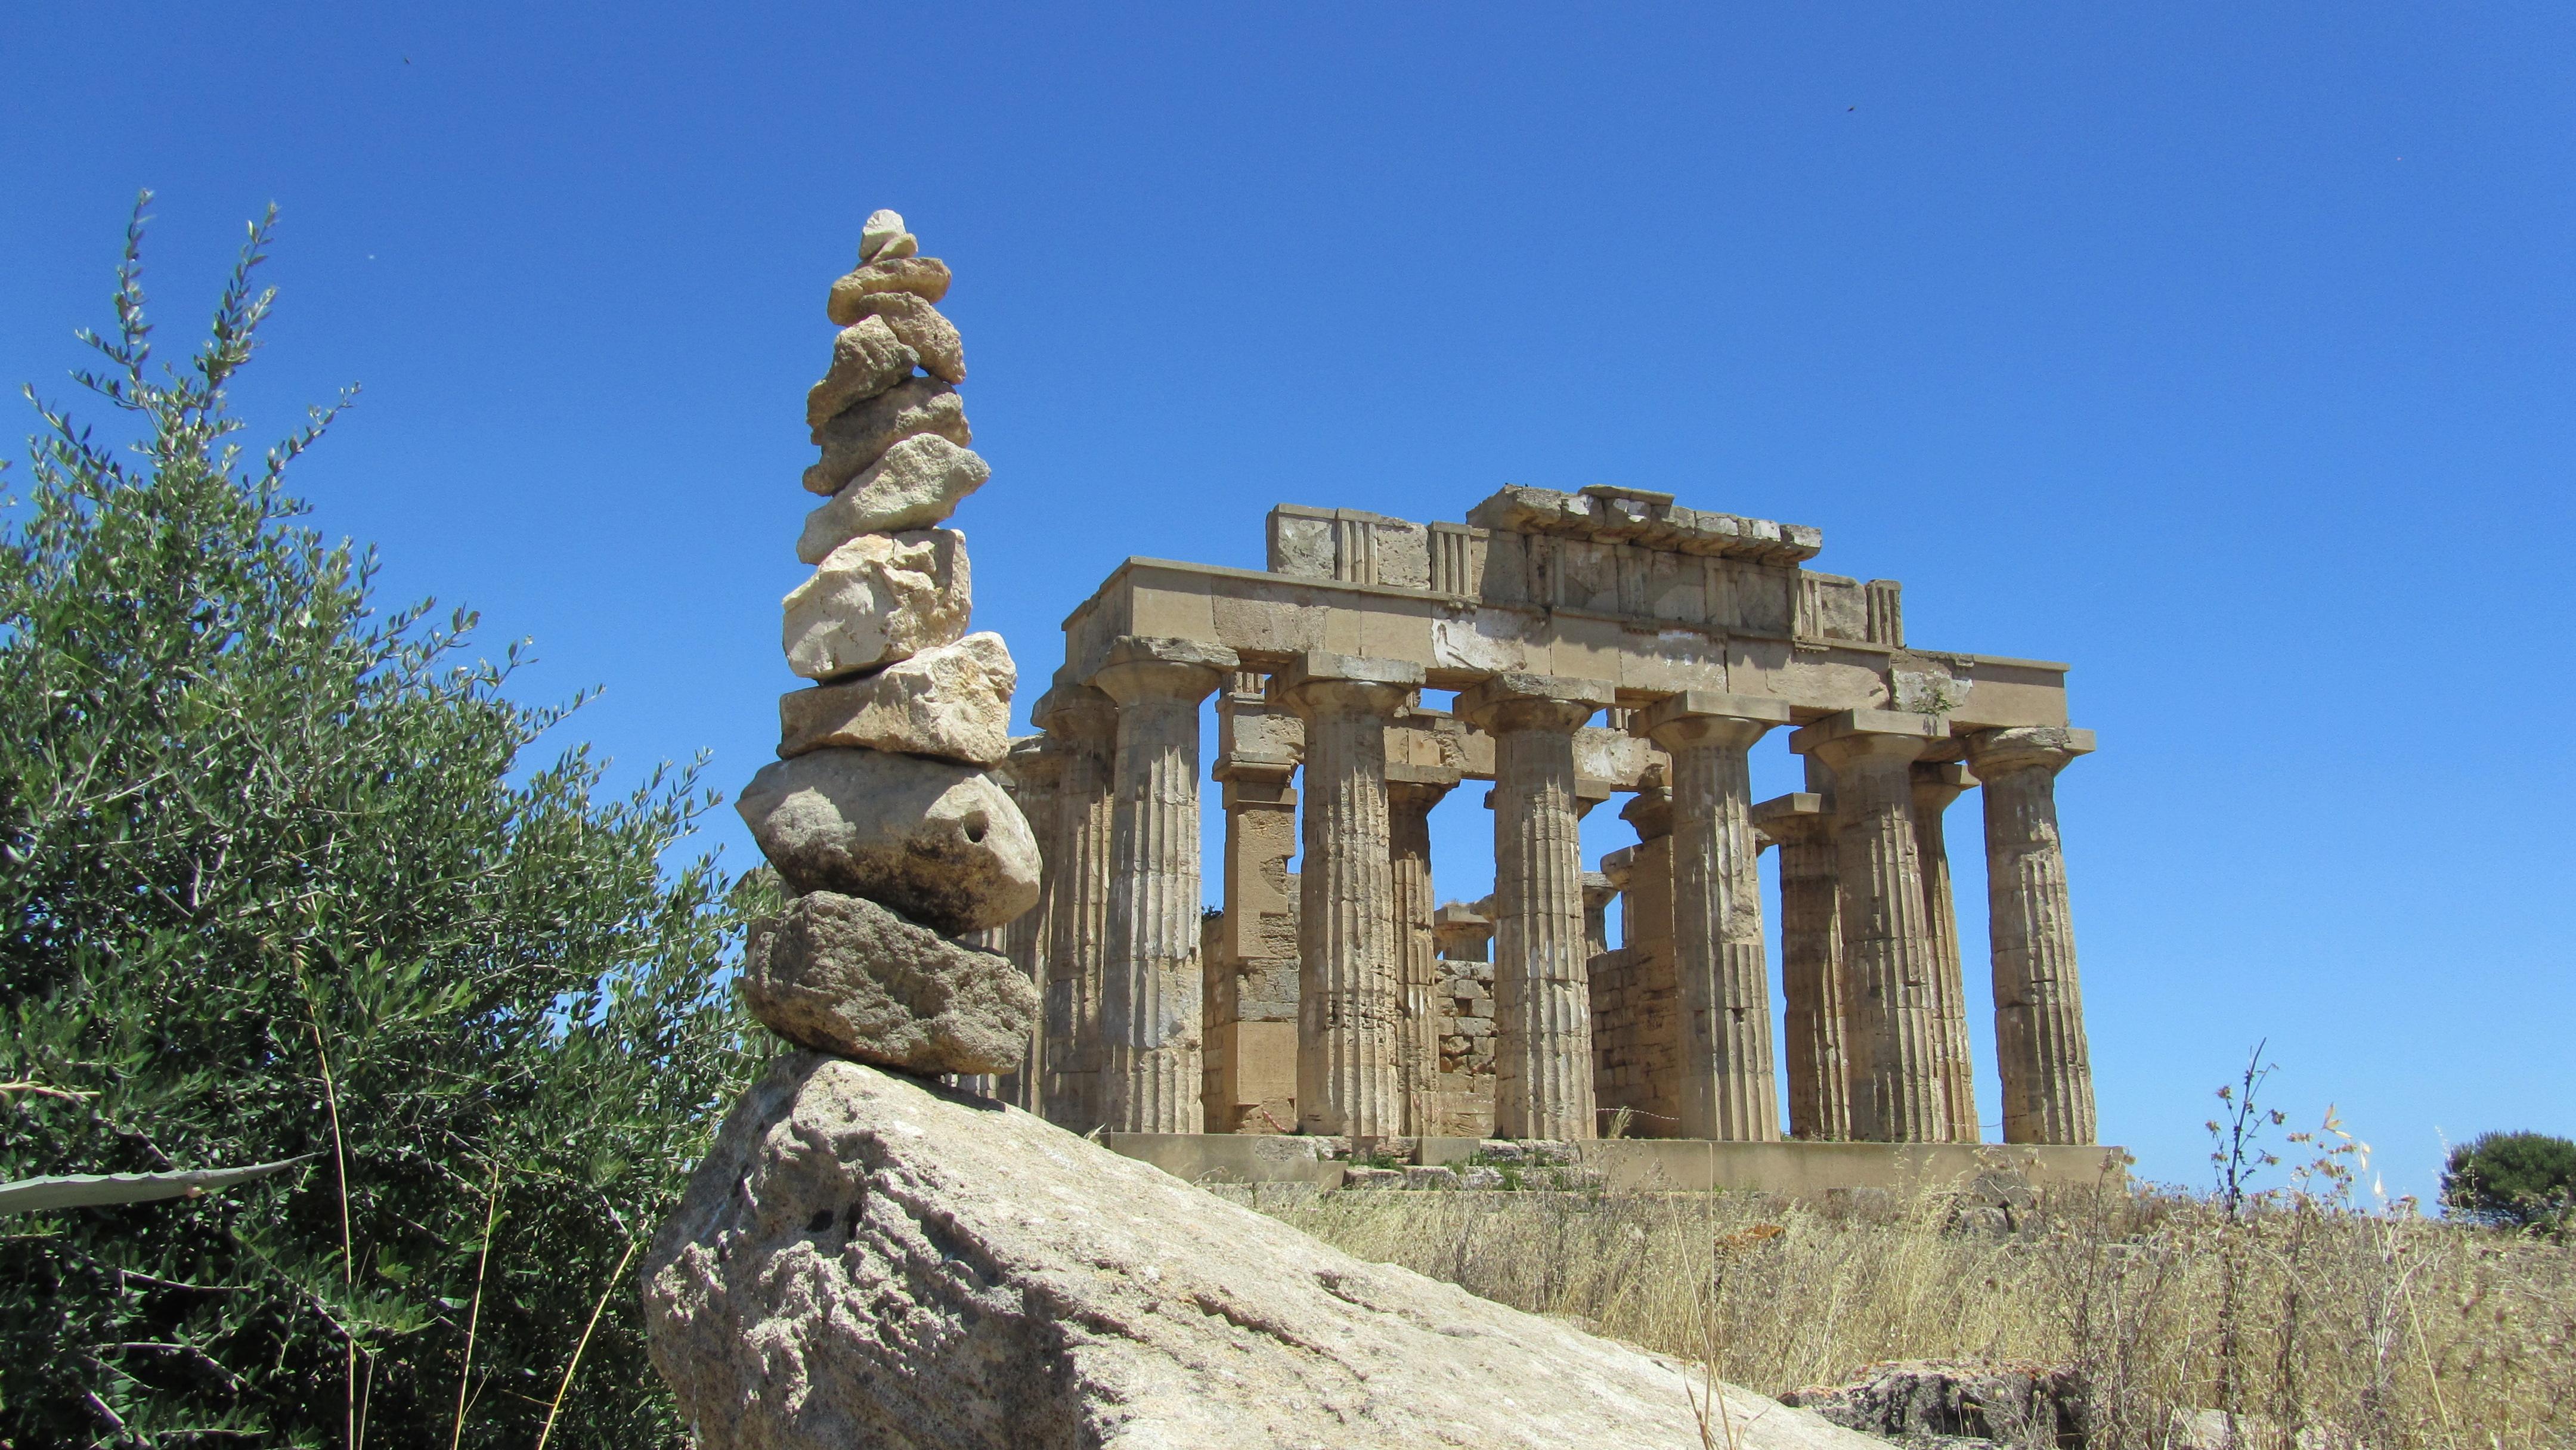 le cairn 1.4 de Sélinonte (Sicilia)